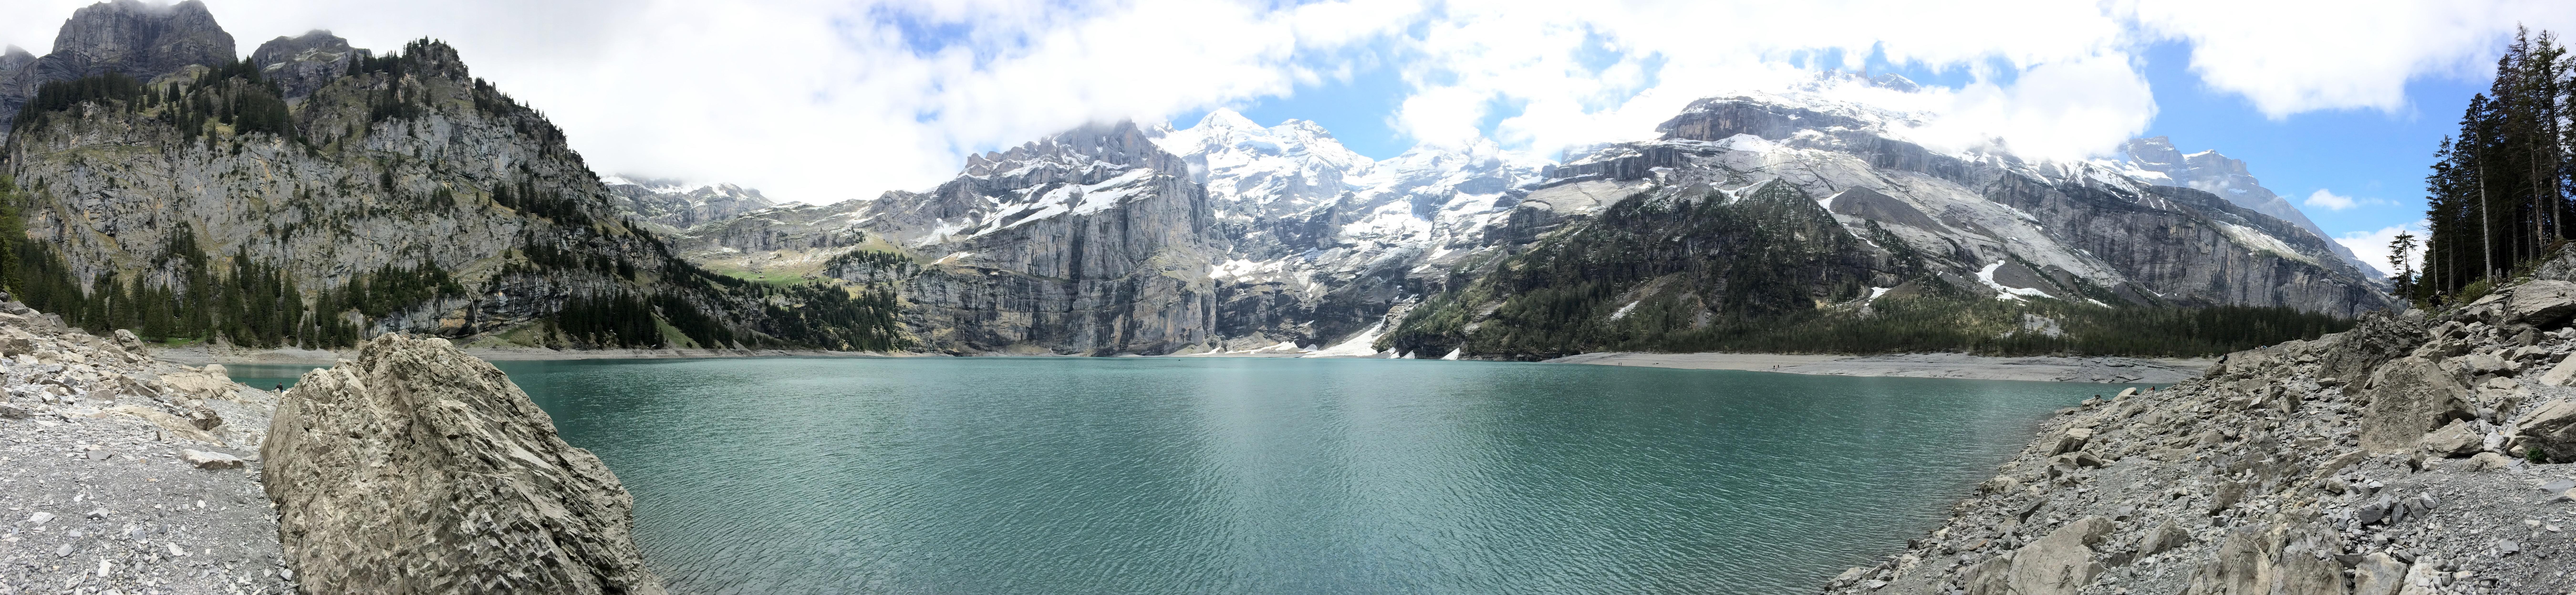 Der Oeschinensee auf 1578 M.ü.M. wird von den Gletscherbächen der Blüemlisalp-Kette gespiesen.